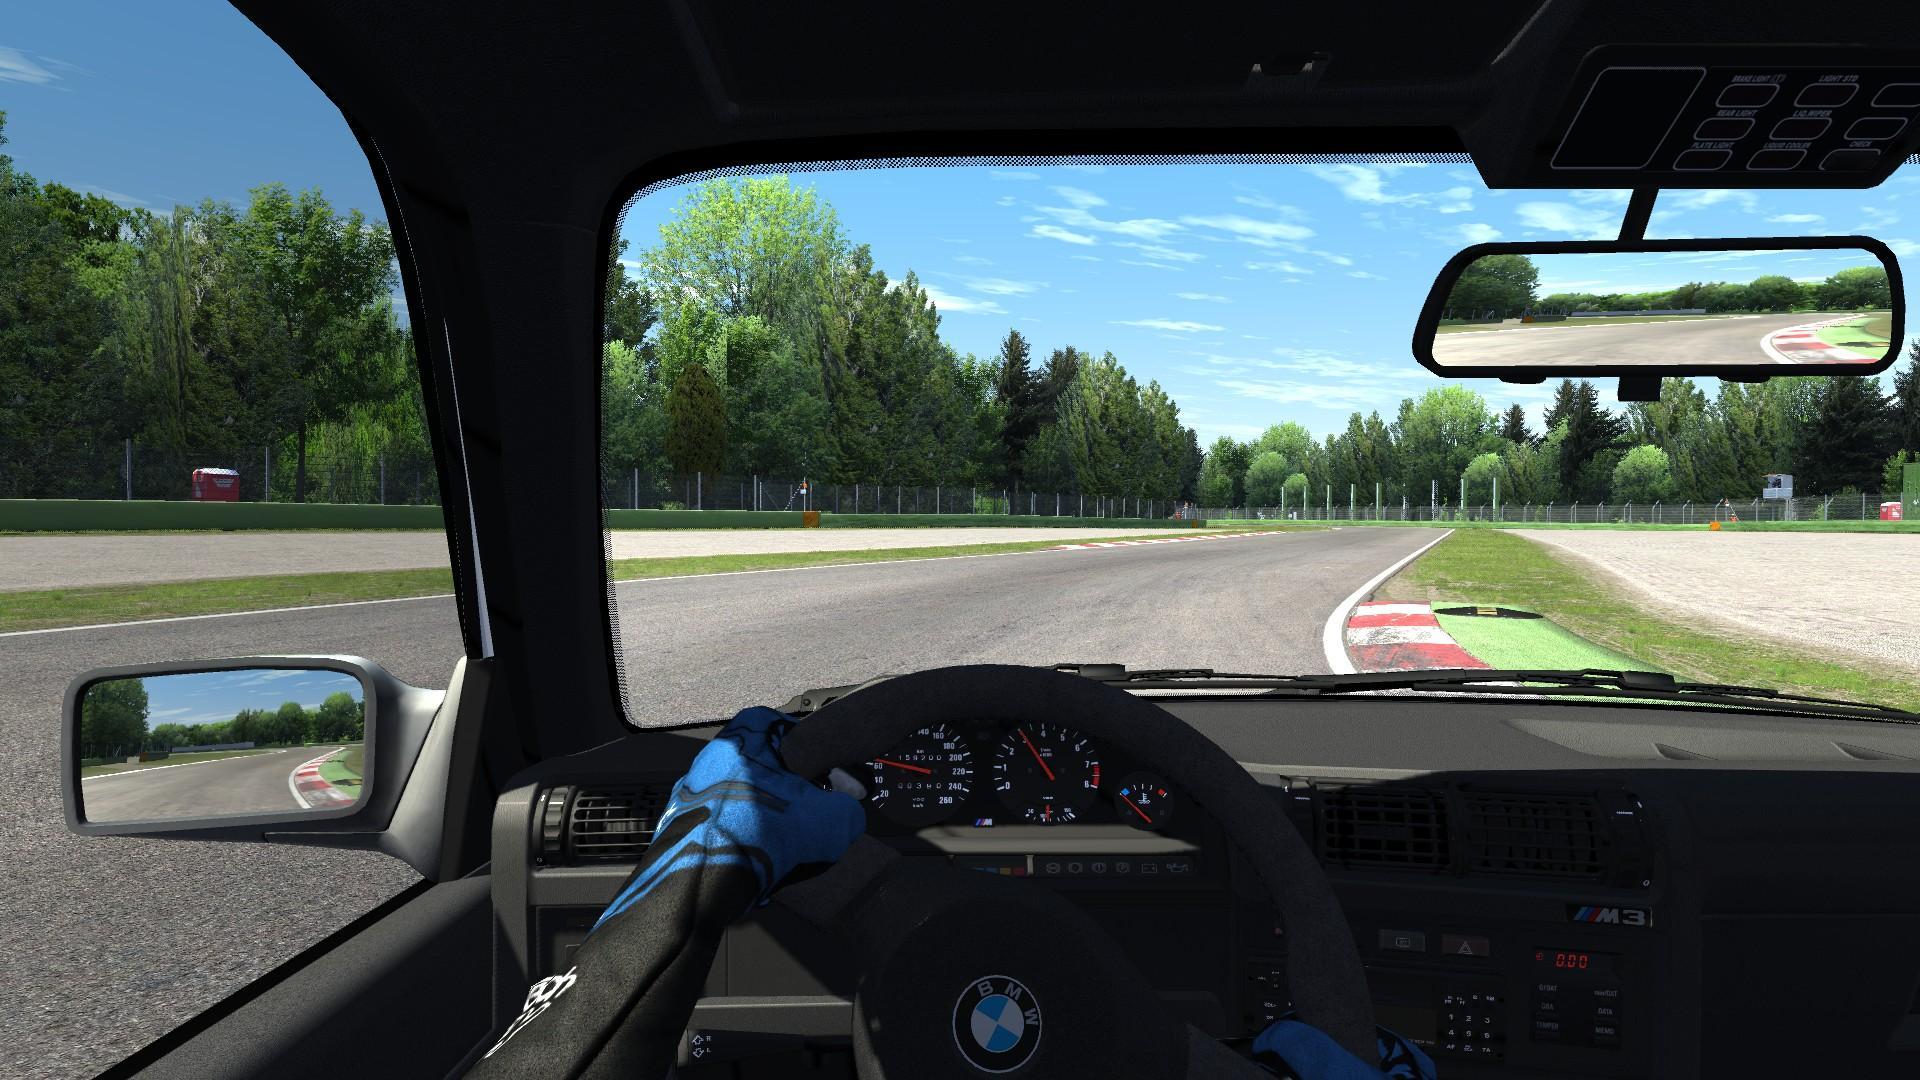 Asseto Corsa y una FOV bastante realista que se asemeja a lo que veríamos estando en el auto.